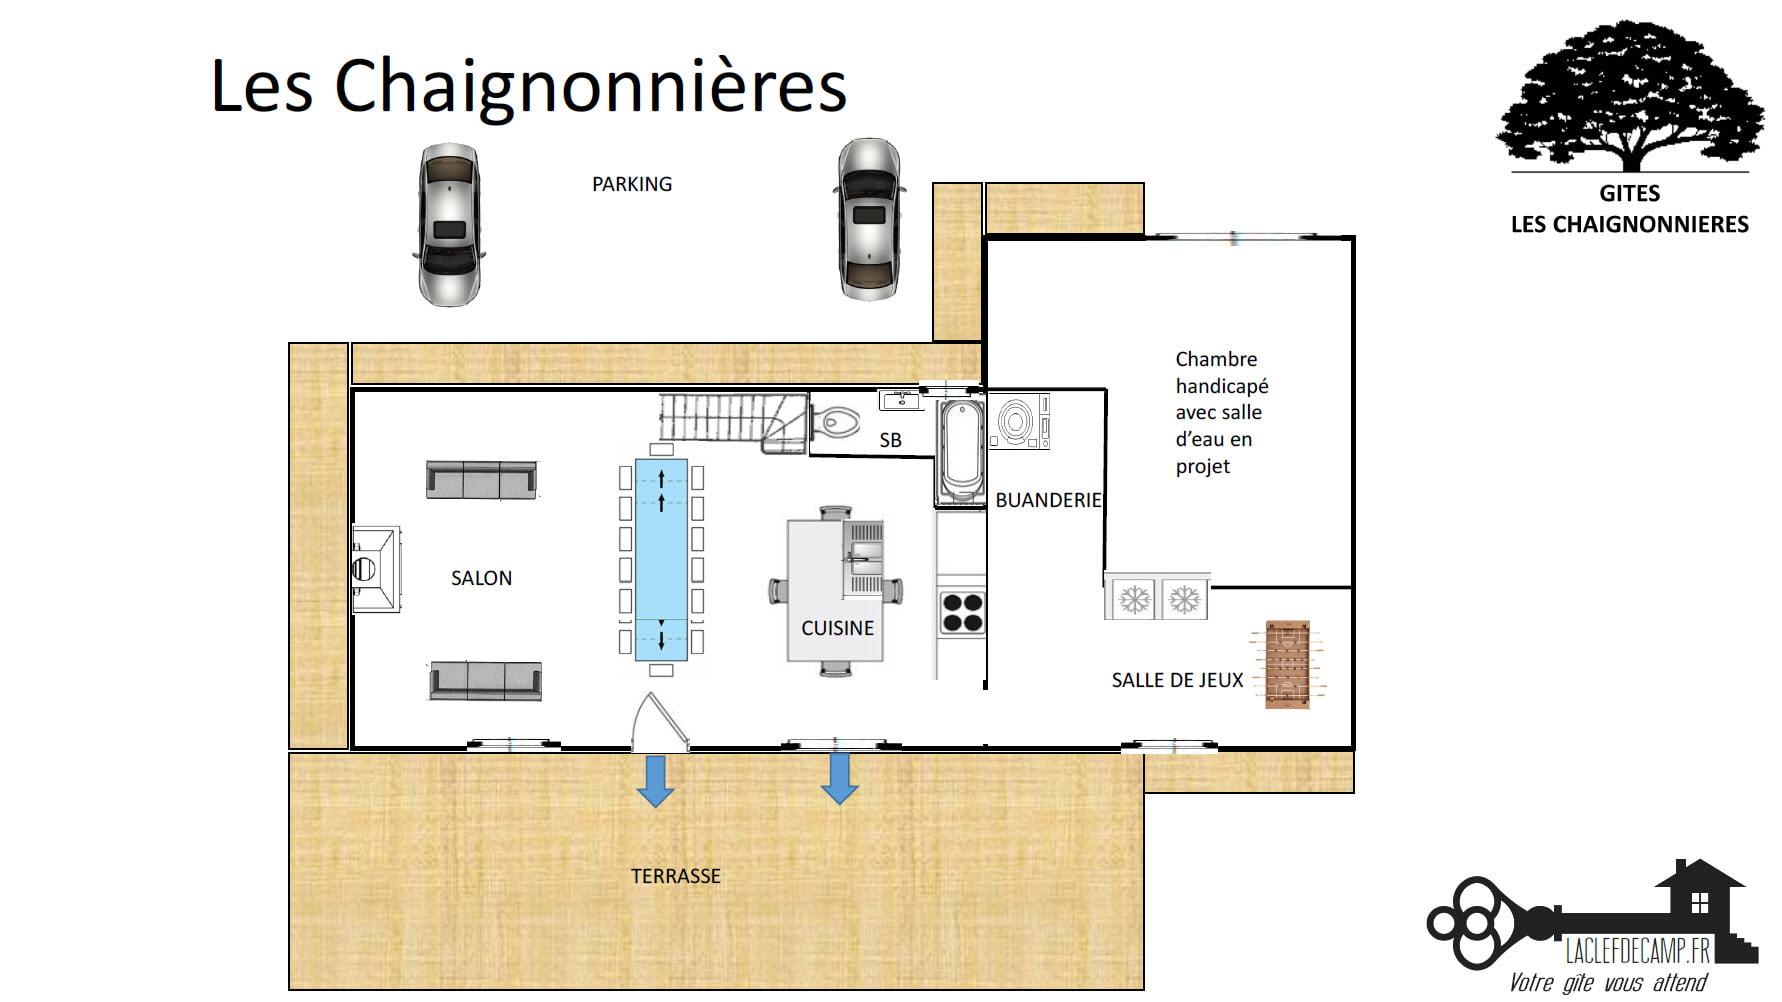 chaignonnieres rdc - LA MAISON - Location de Gite La Clef Decamp - Laclefdecamp.fr